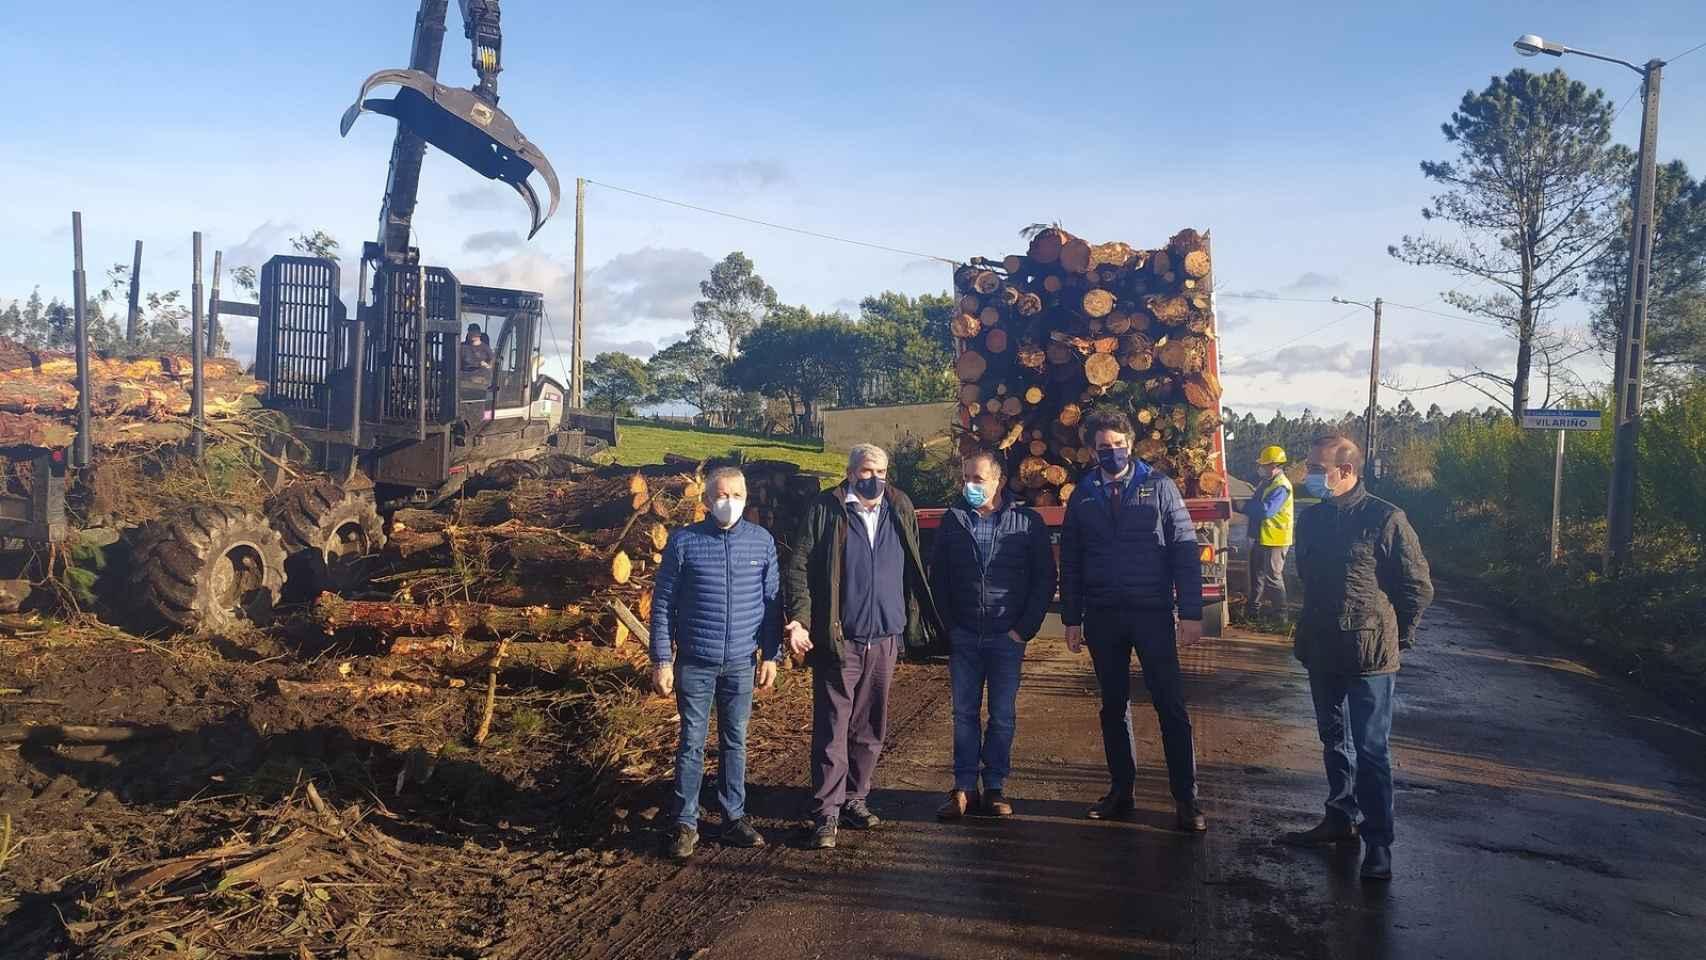 El director de la Agencia Gallega de la Industria Forestal (Xera), Ignacio Lema, acompañado del delegado territorial de la Xunta en Lugo, Javier Arias, y responsables  de la empresa Forestal Díaz Casariego.